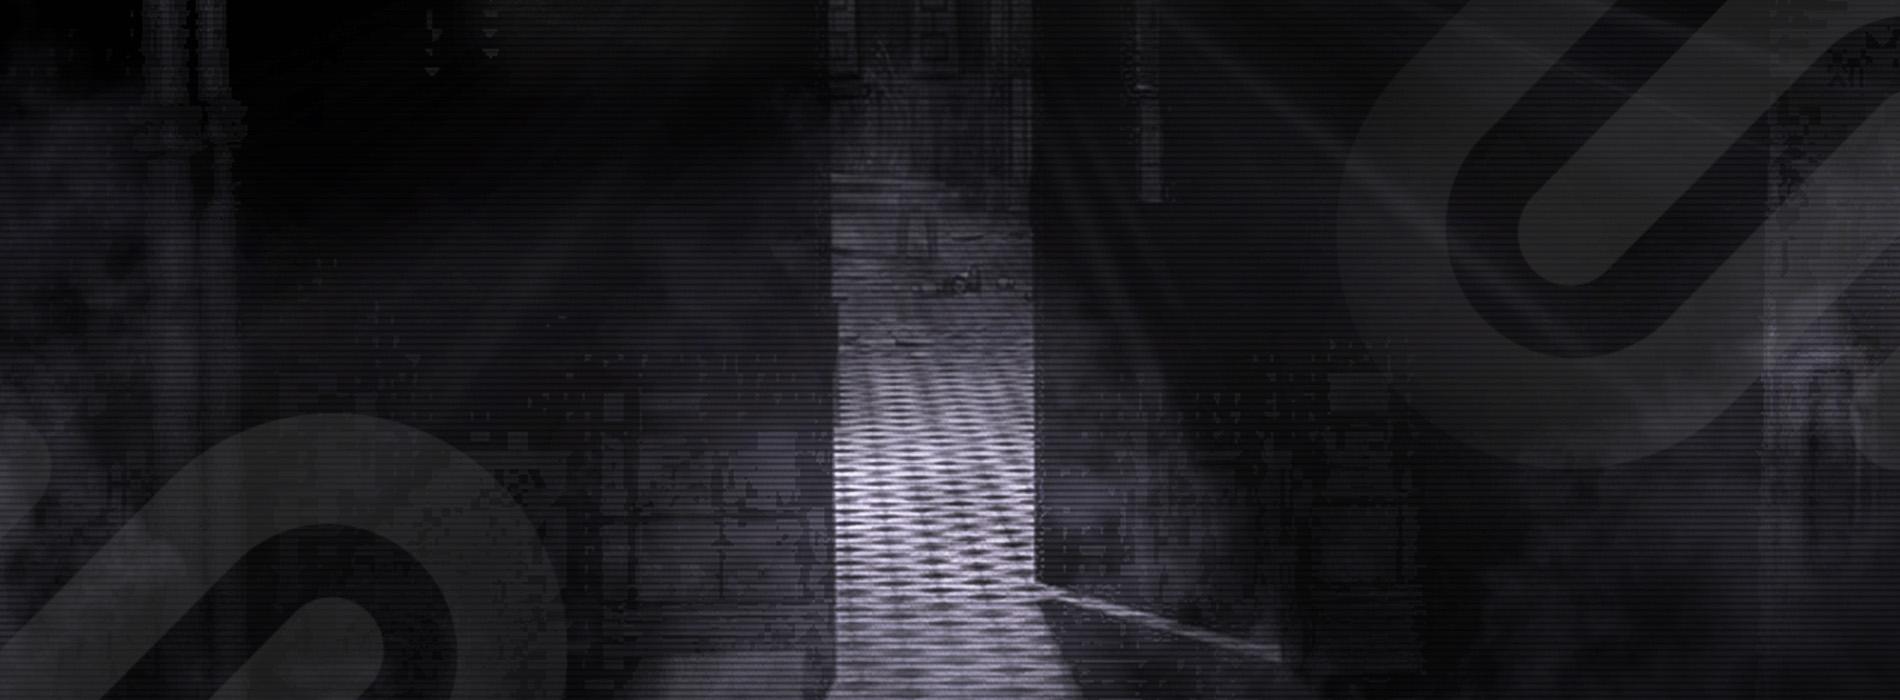 Trailer Xpressions_SL